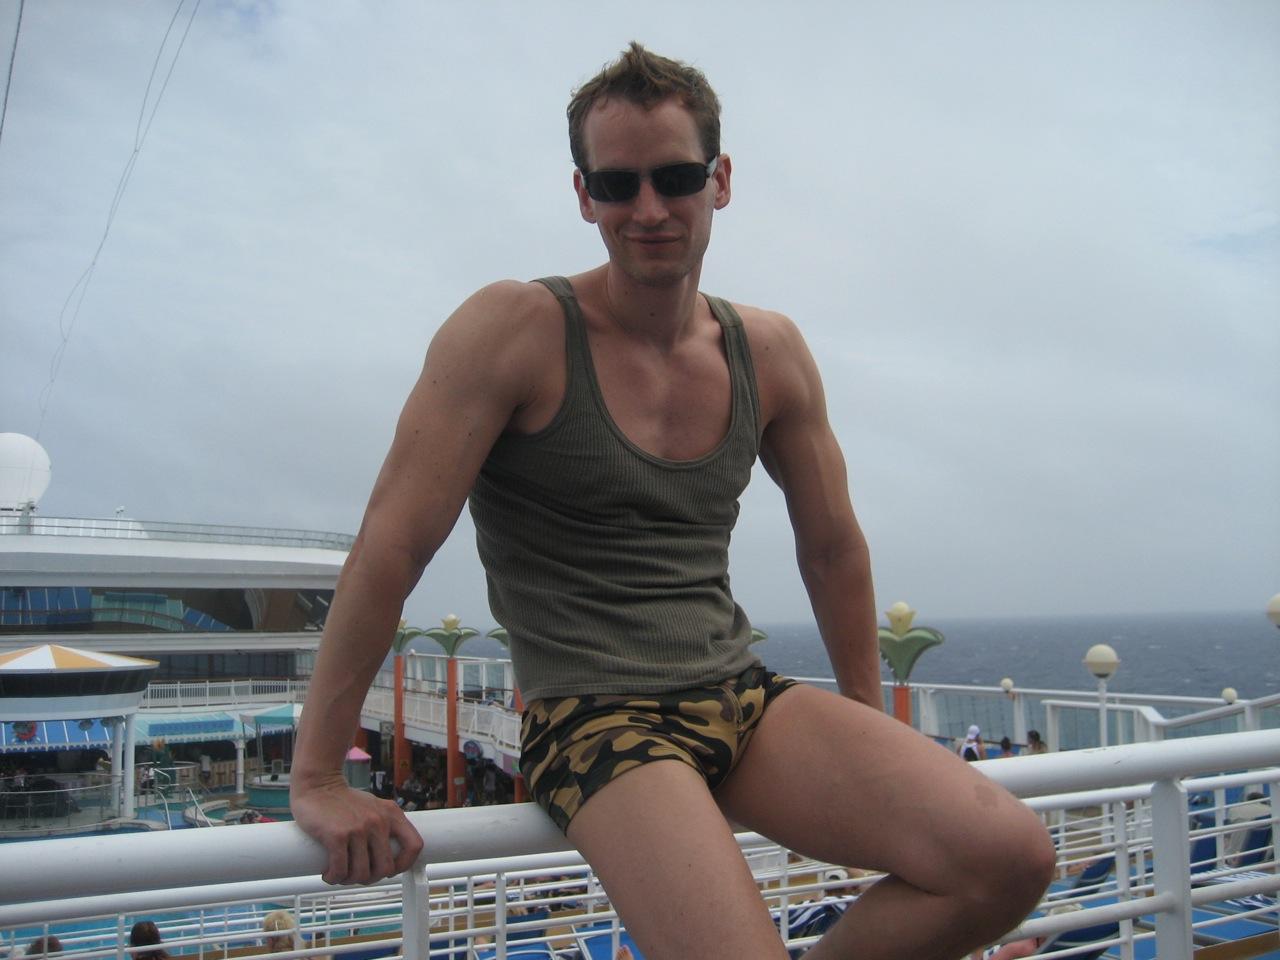 brett clark gay